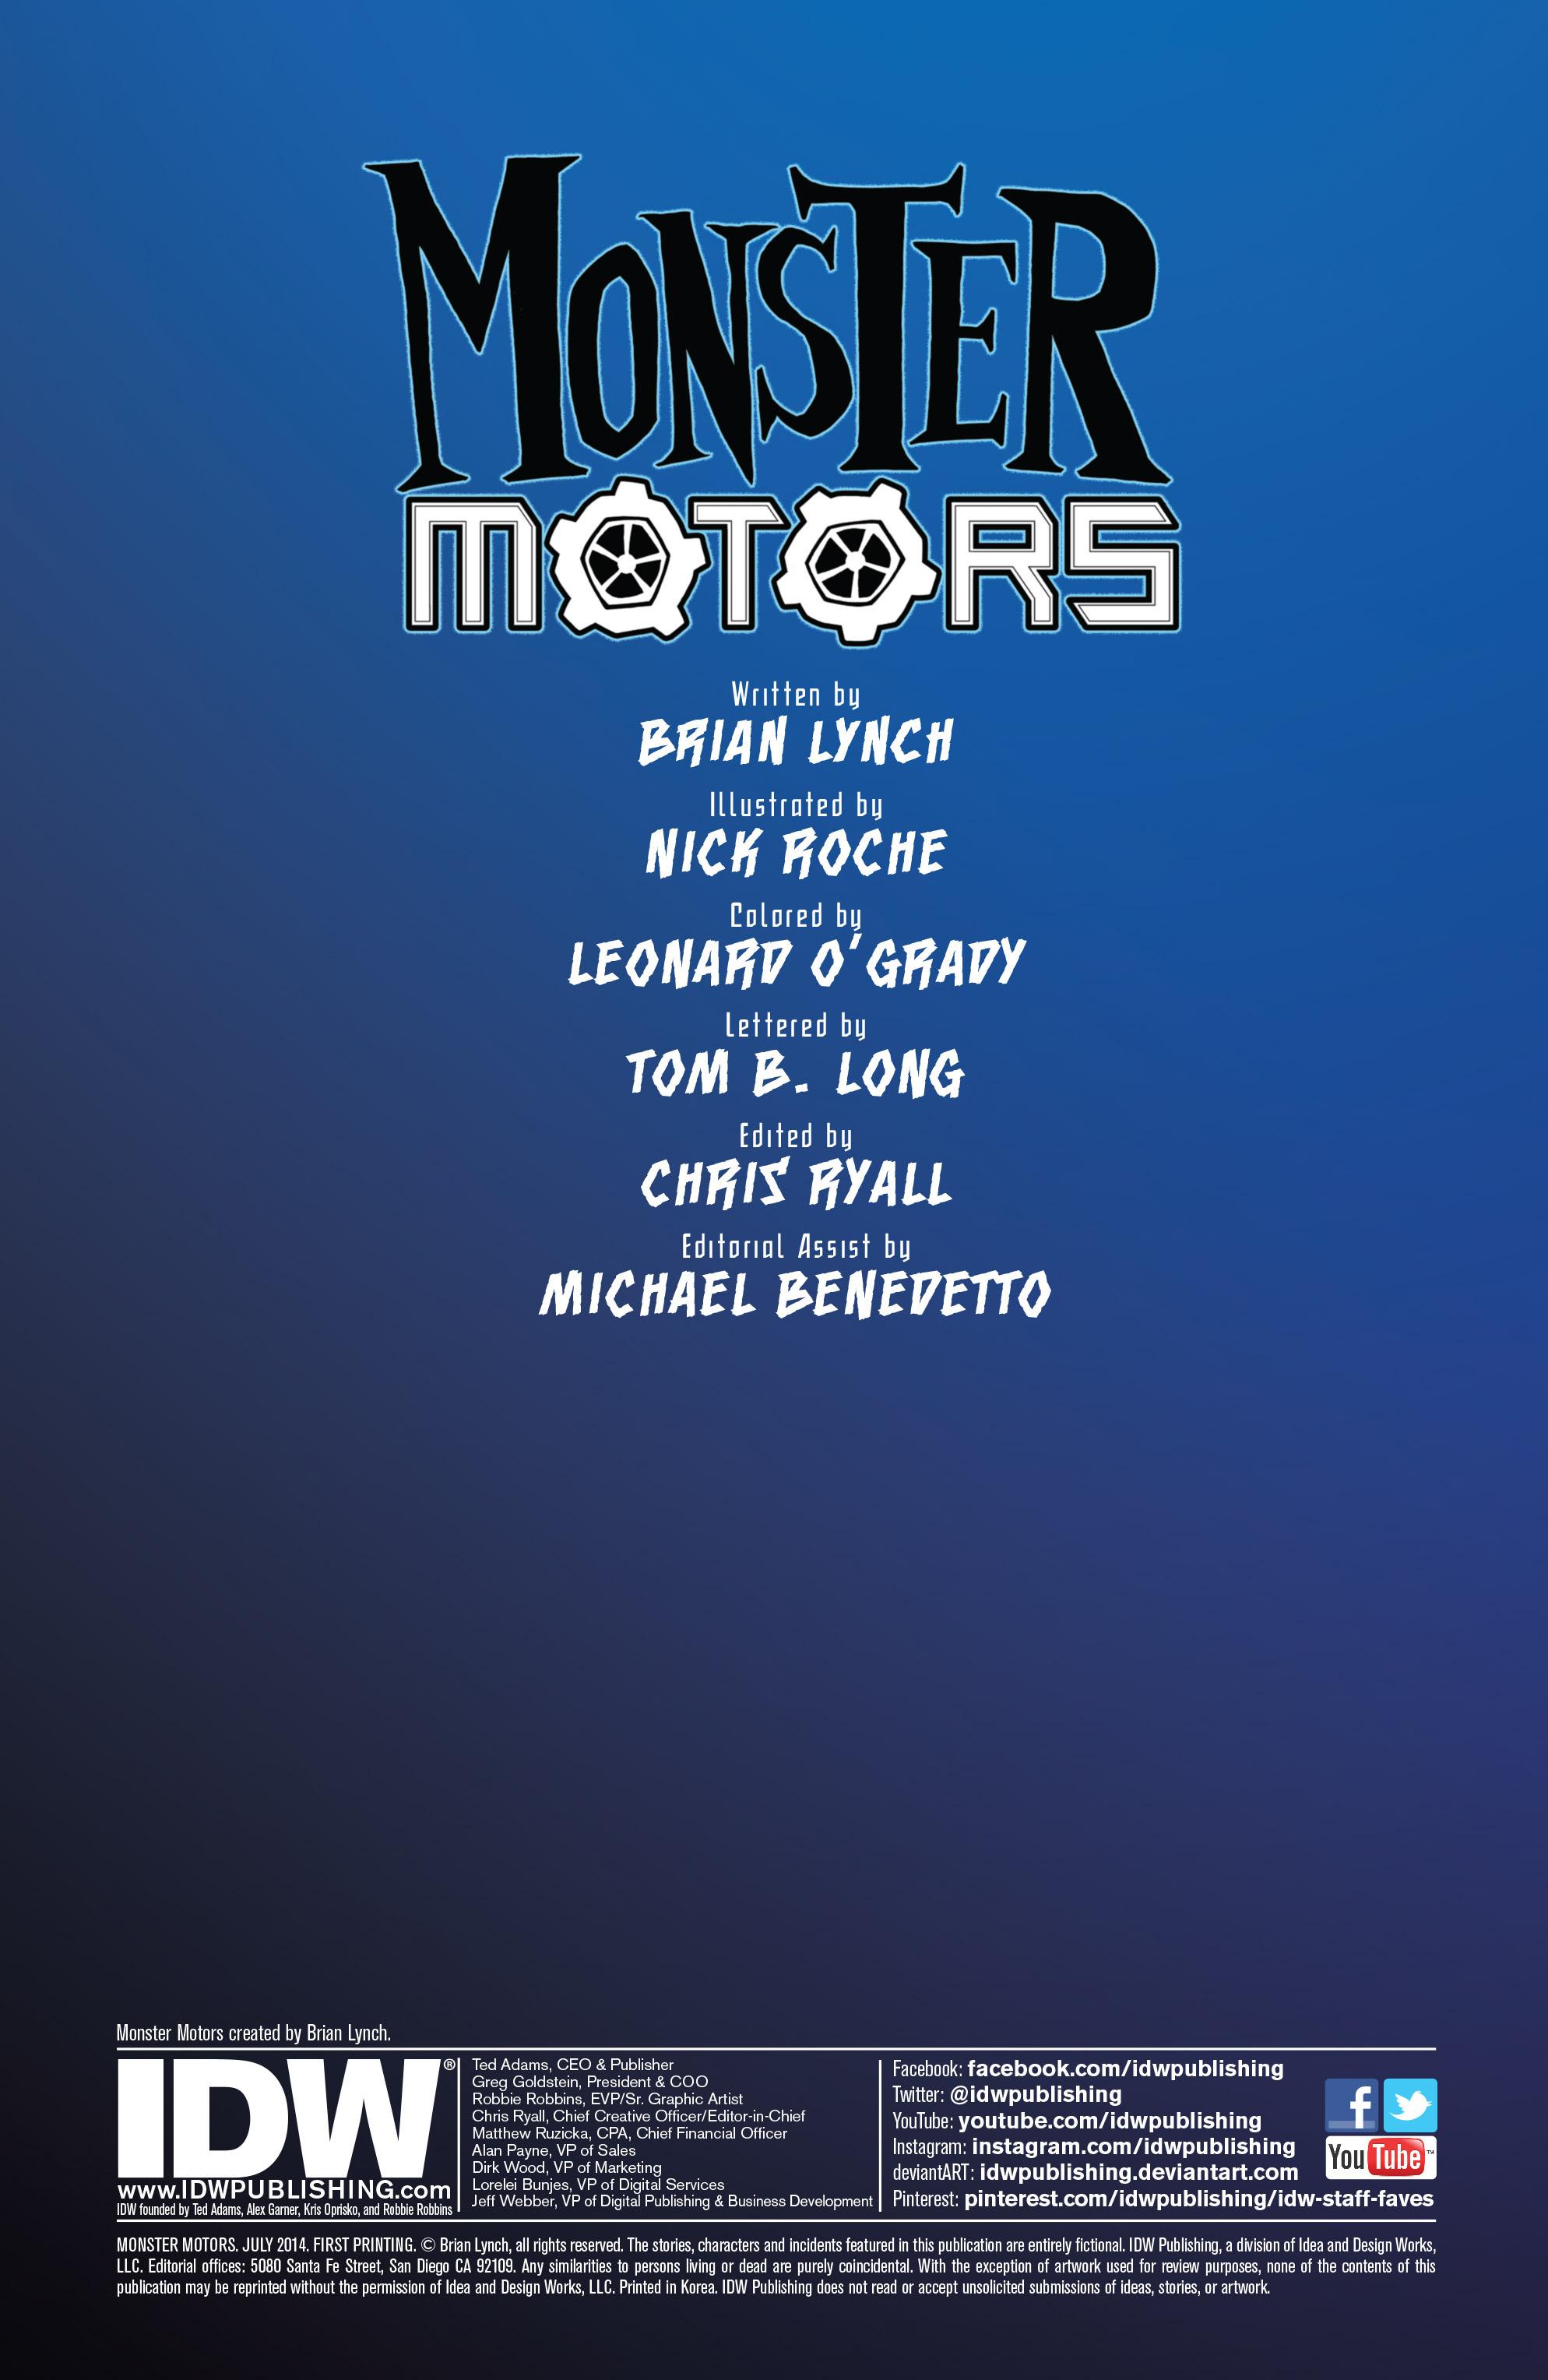 Read online Monster Motors comic -  Issue # Full - 2